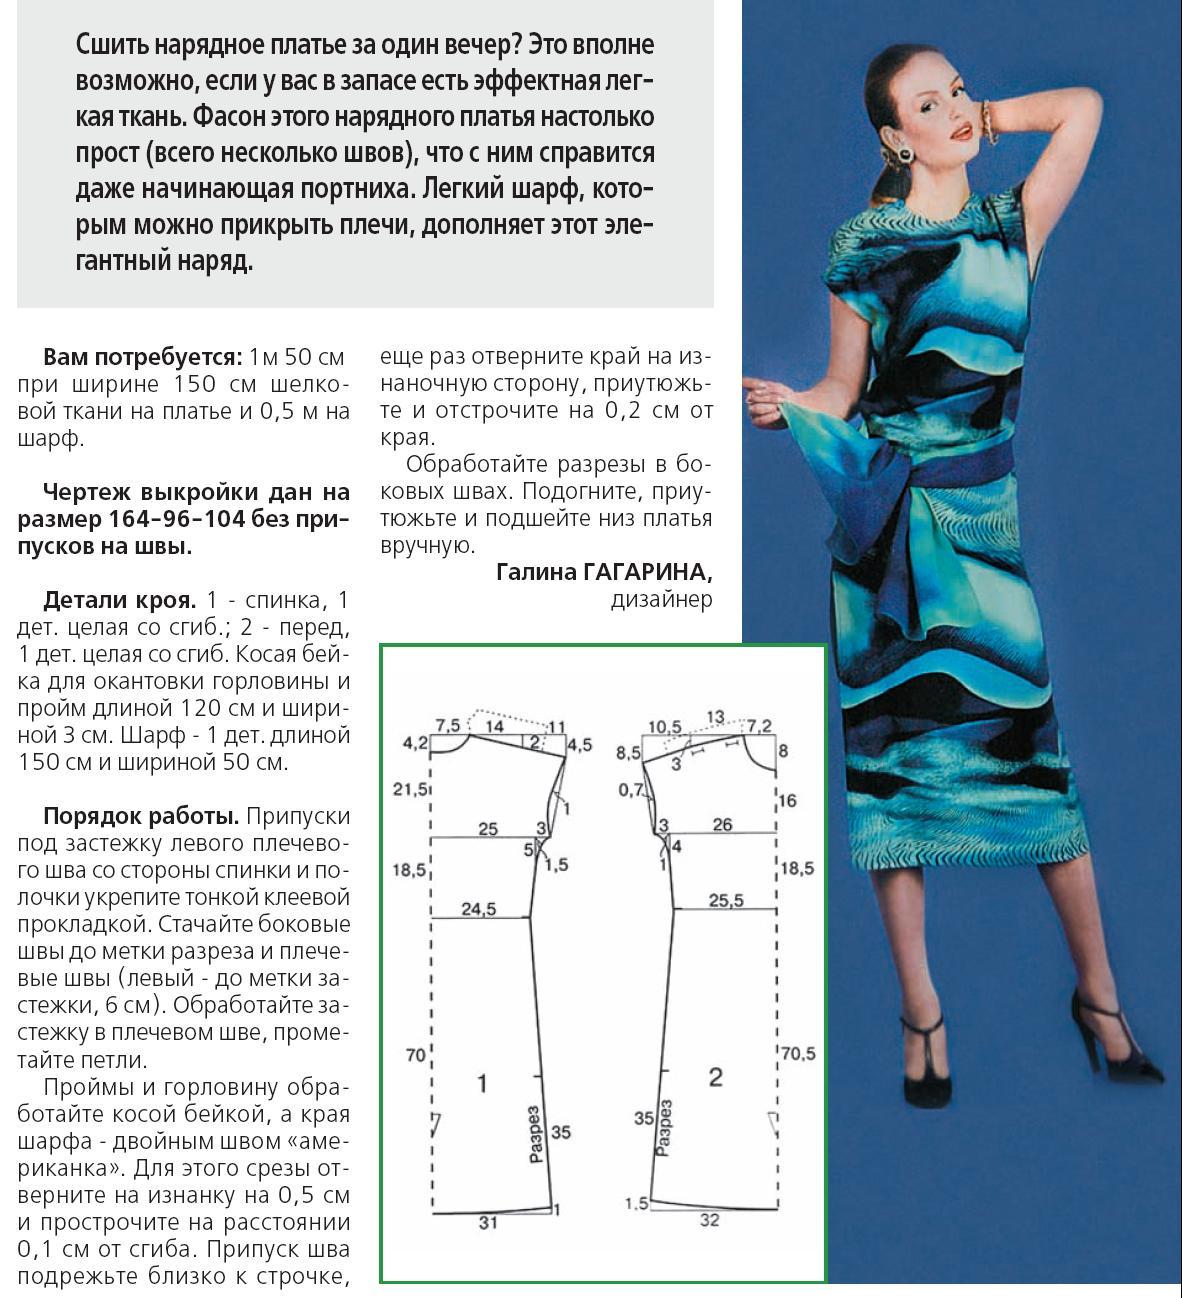 Как легко сшить простое платье? Как быстро сшить платье на 40